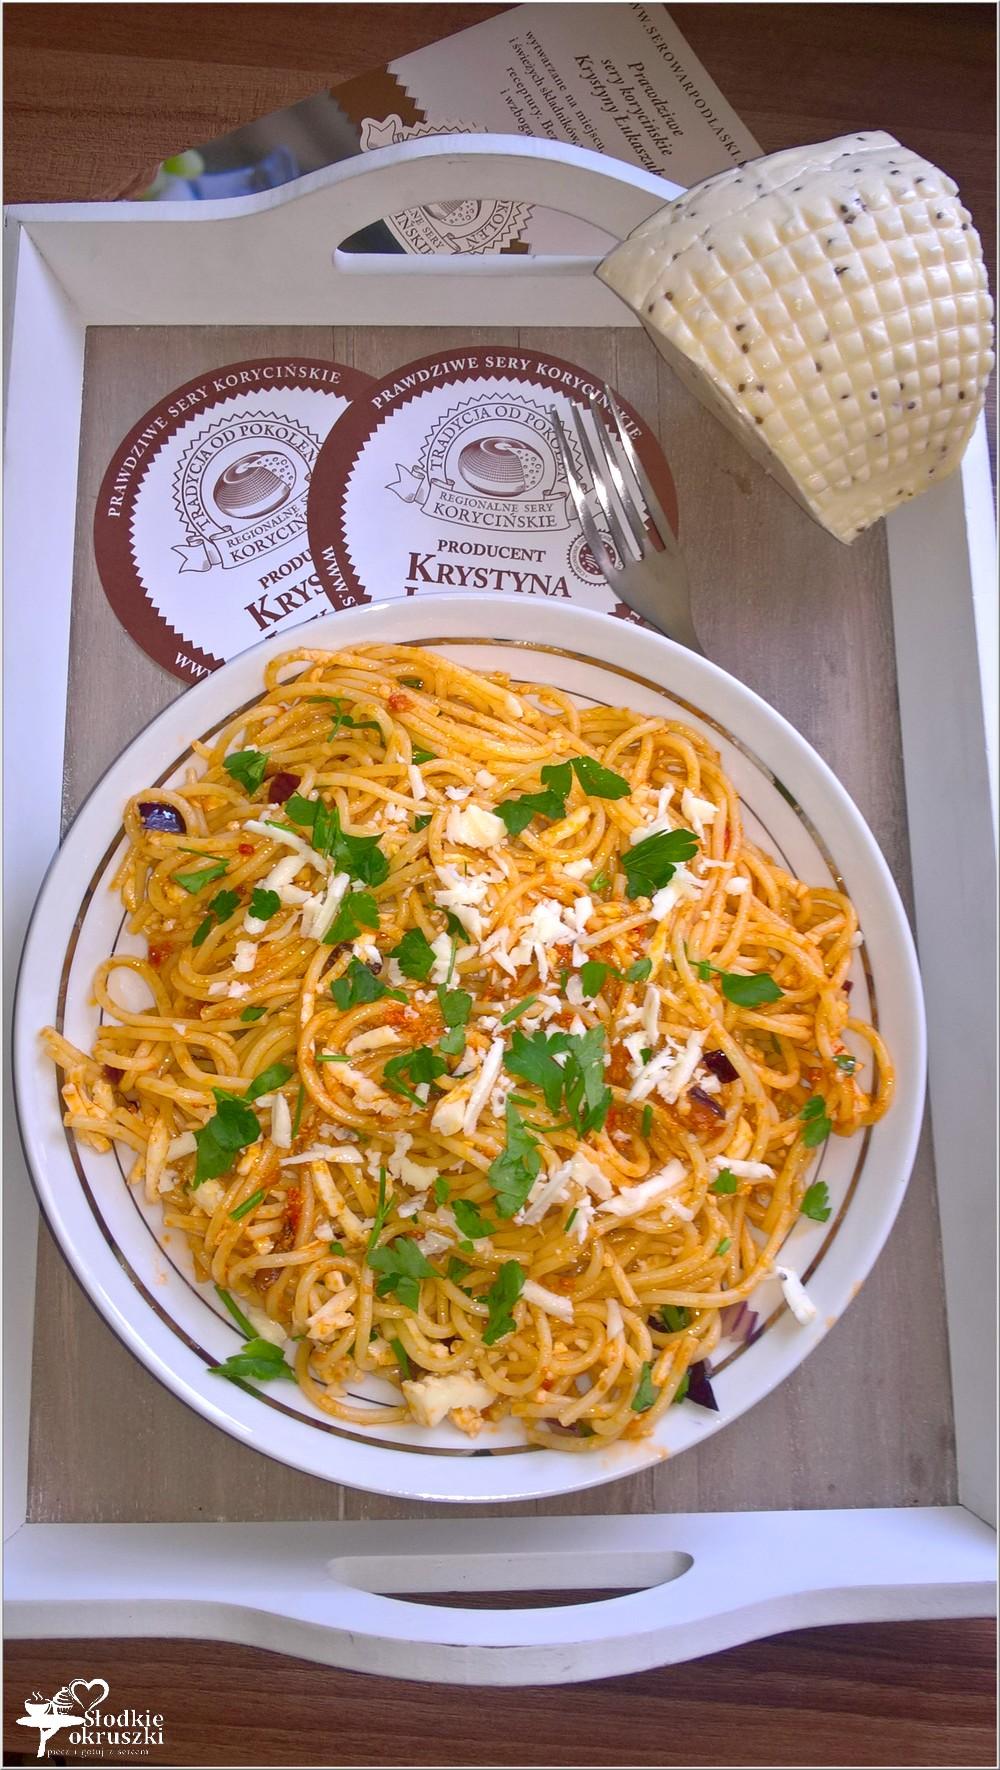 Spaghetti w pomidorowym pesto z serem korycińskim (6)